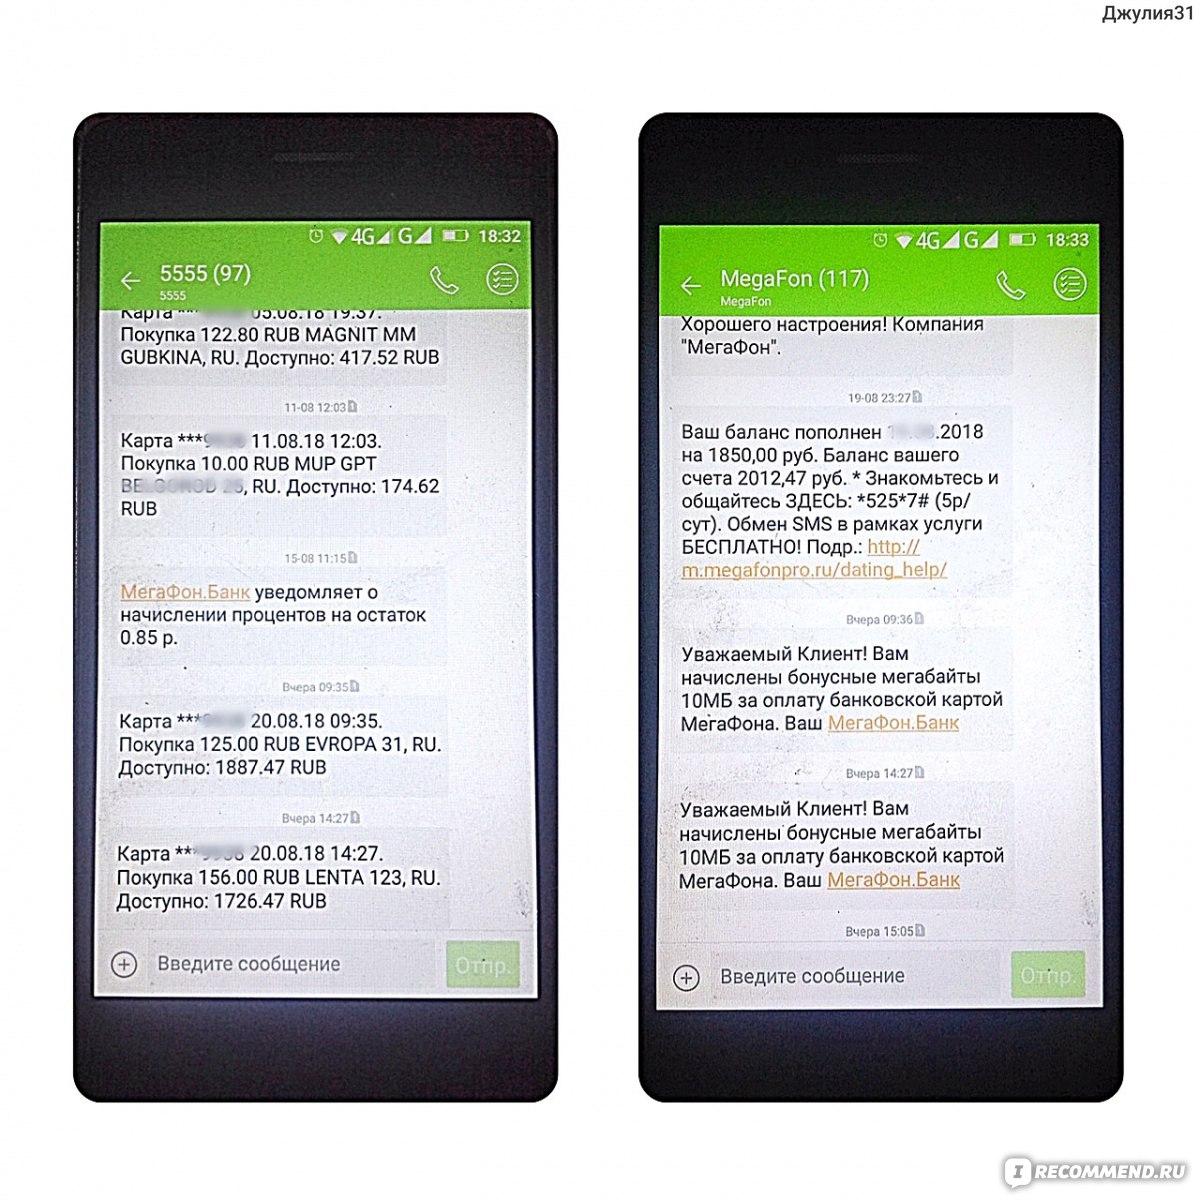 как пополнить баланс мегафон с банковской карты через смс